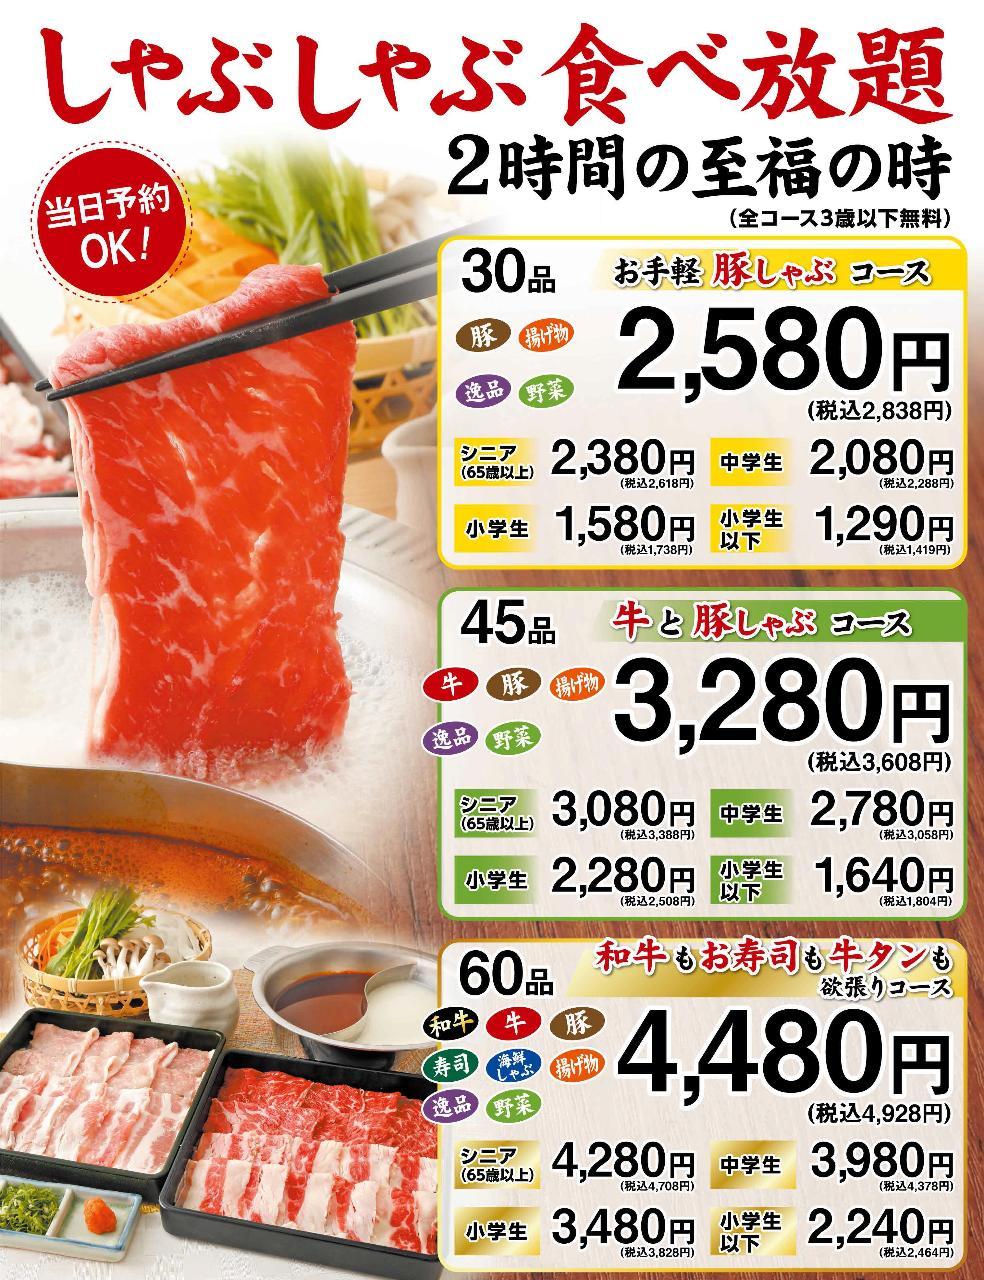 選べるしゃぶしゃぶ食べ放題コースは2580円(税込2838円)から!